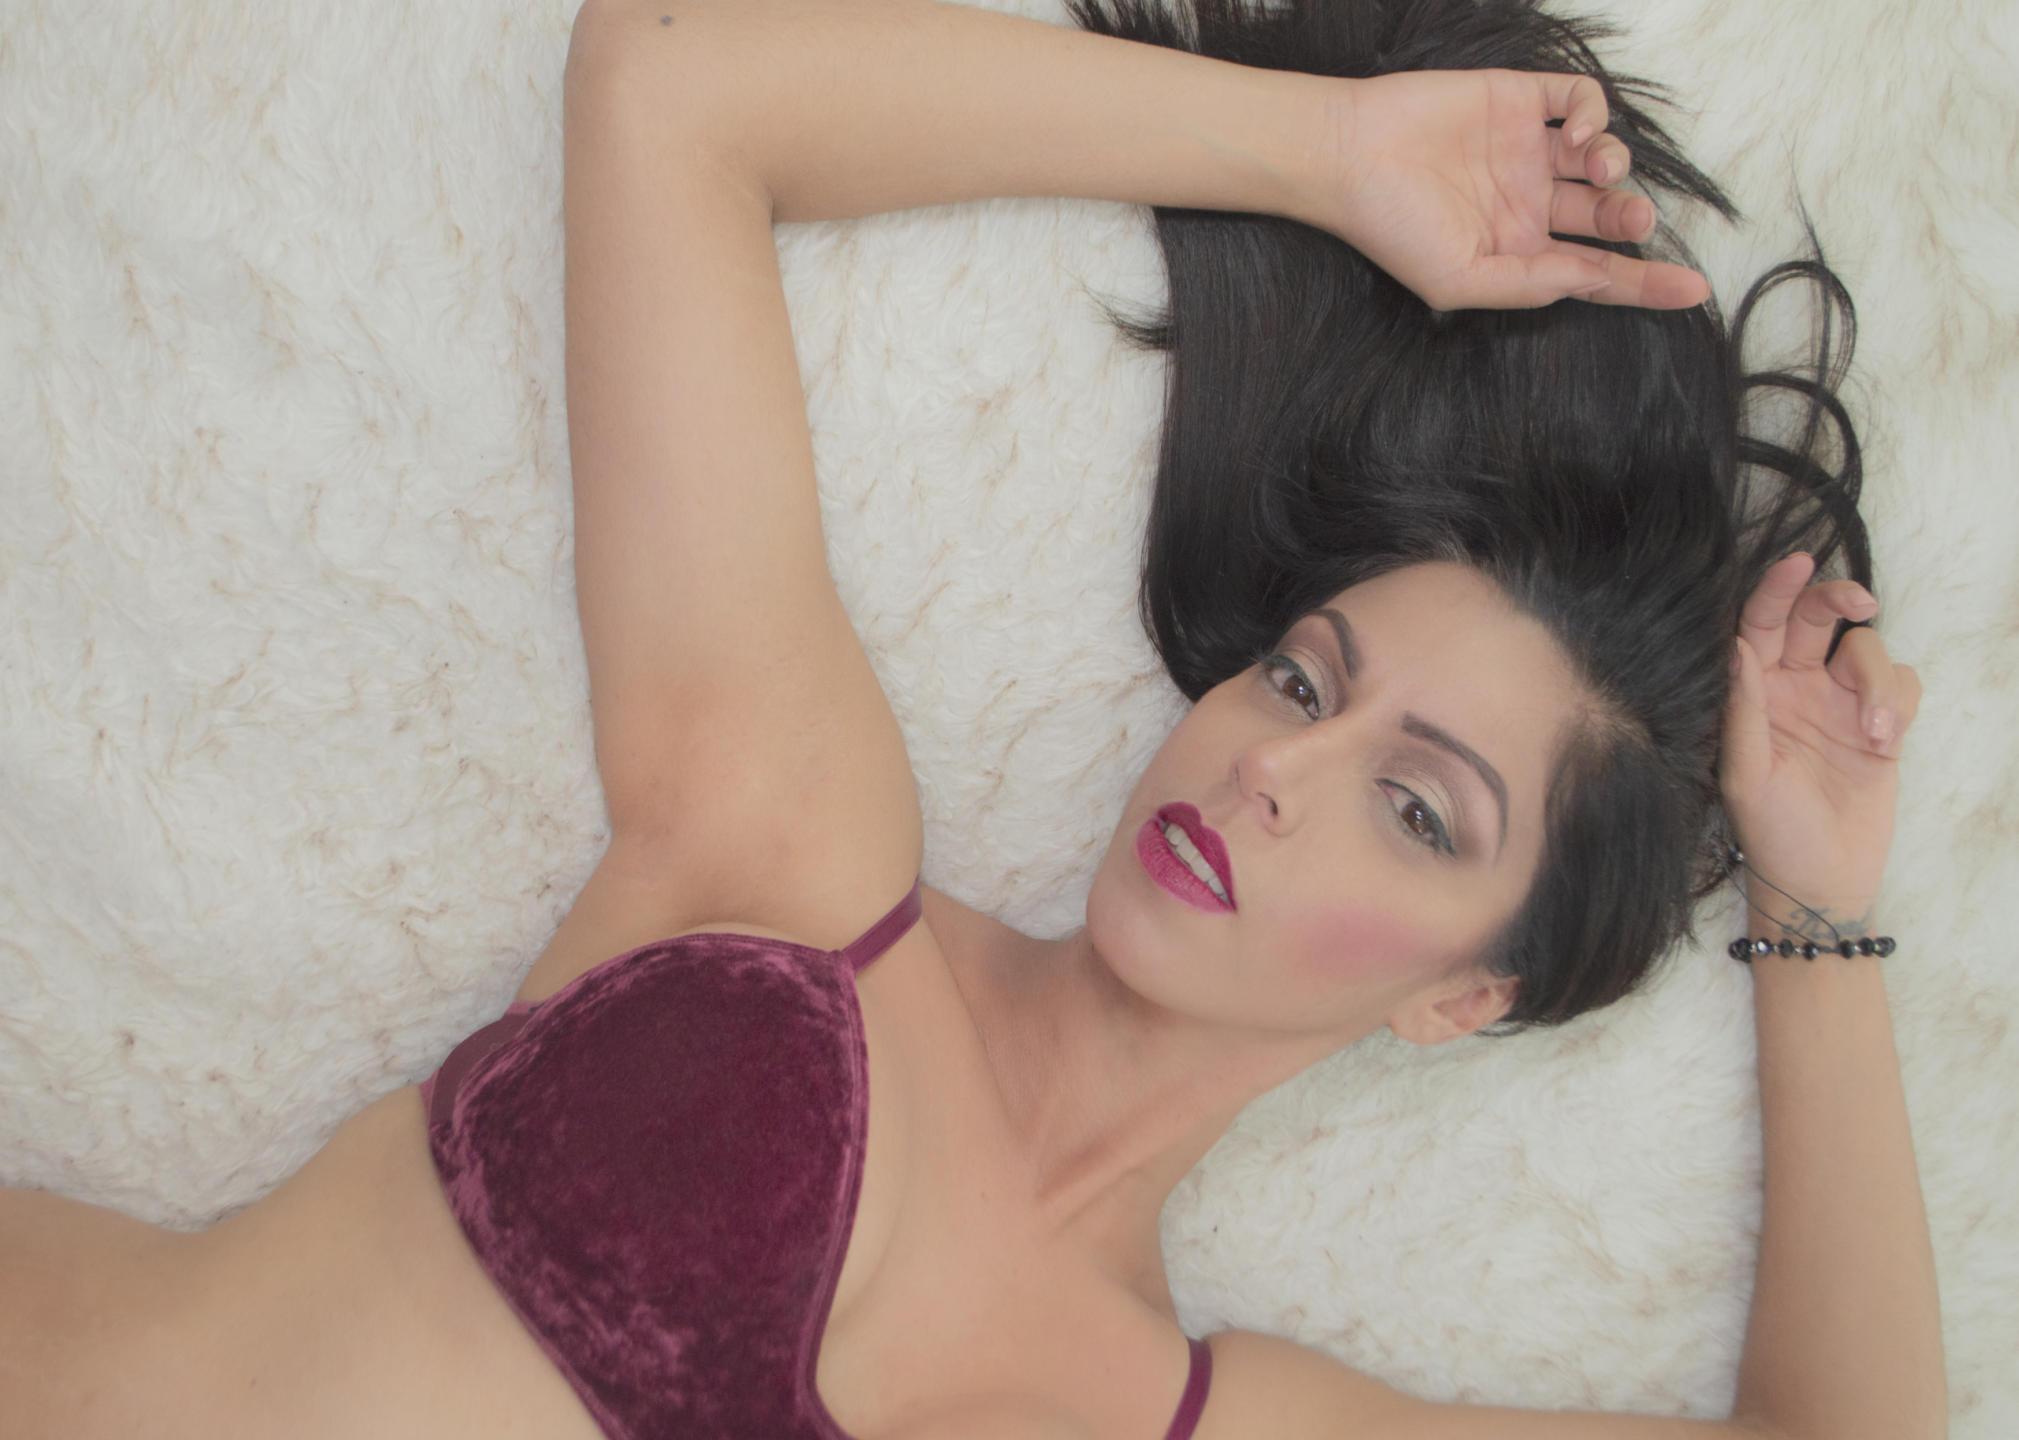 πρωκτικό σεξ ζωντανές Web cam ενηλίκων πίπα βίντεο